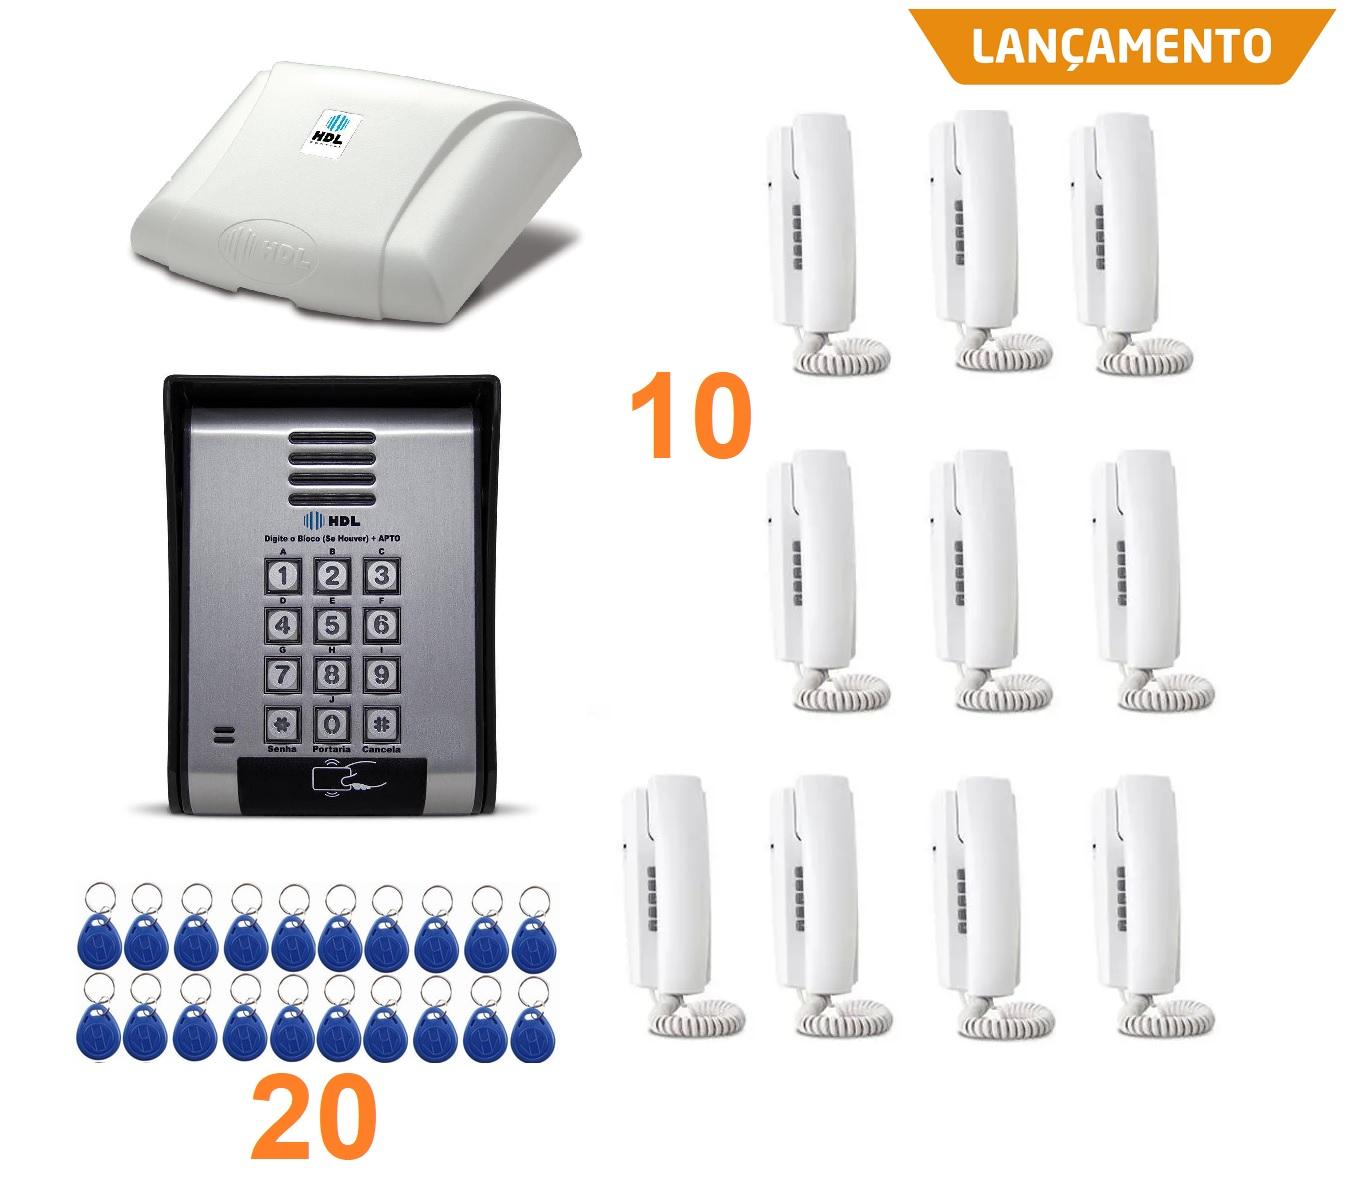 Kit interfonia completo HDL 10 terminal, porteiro eletrônico com controle de acesso